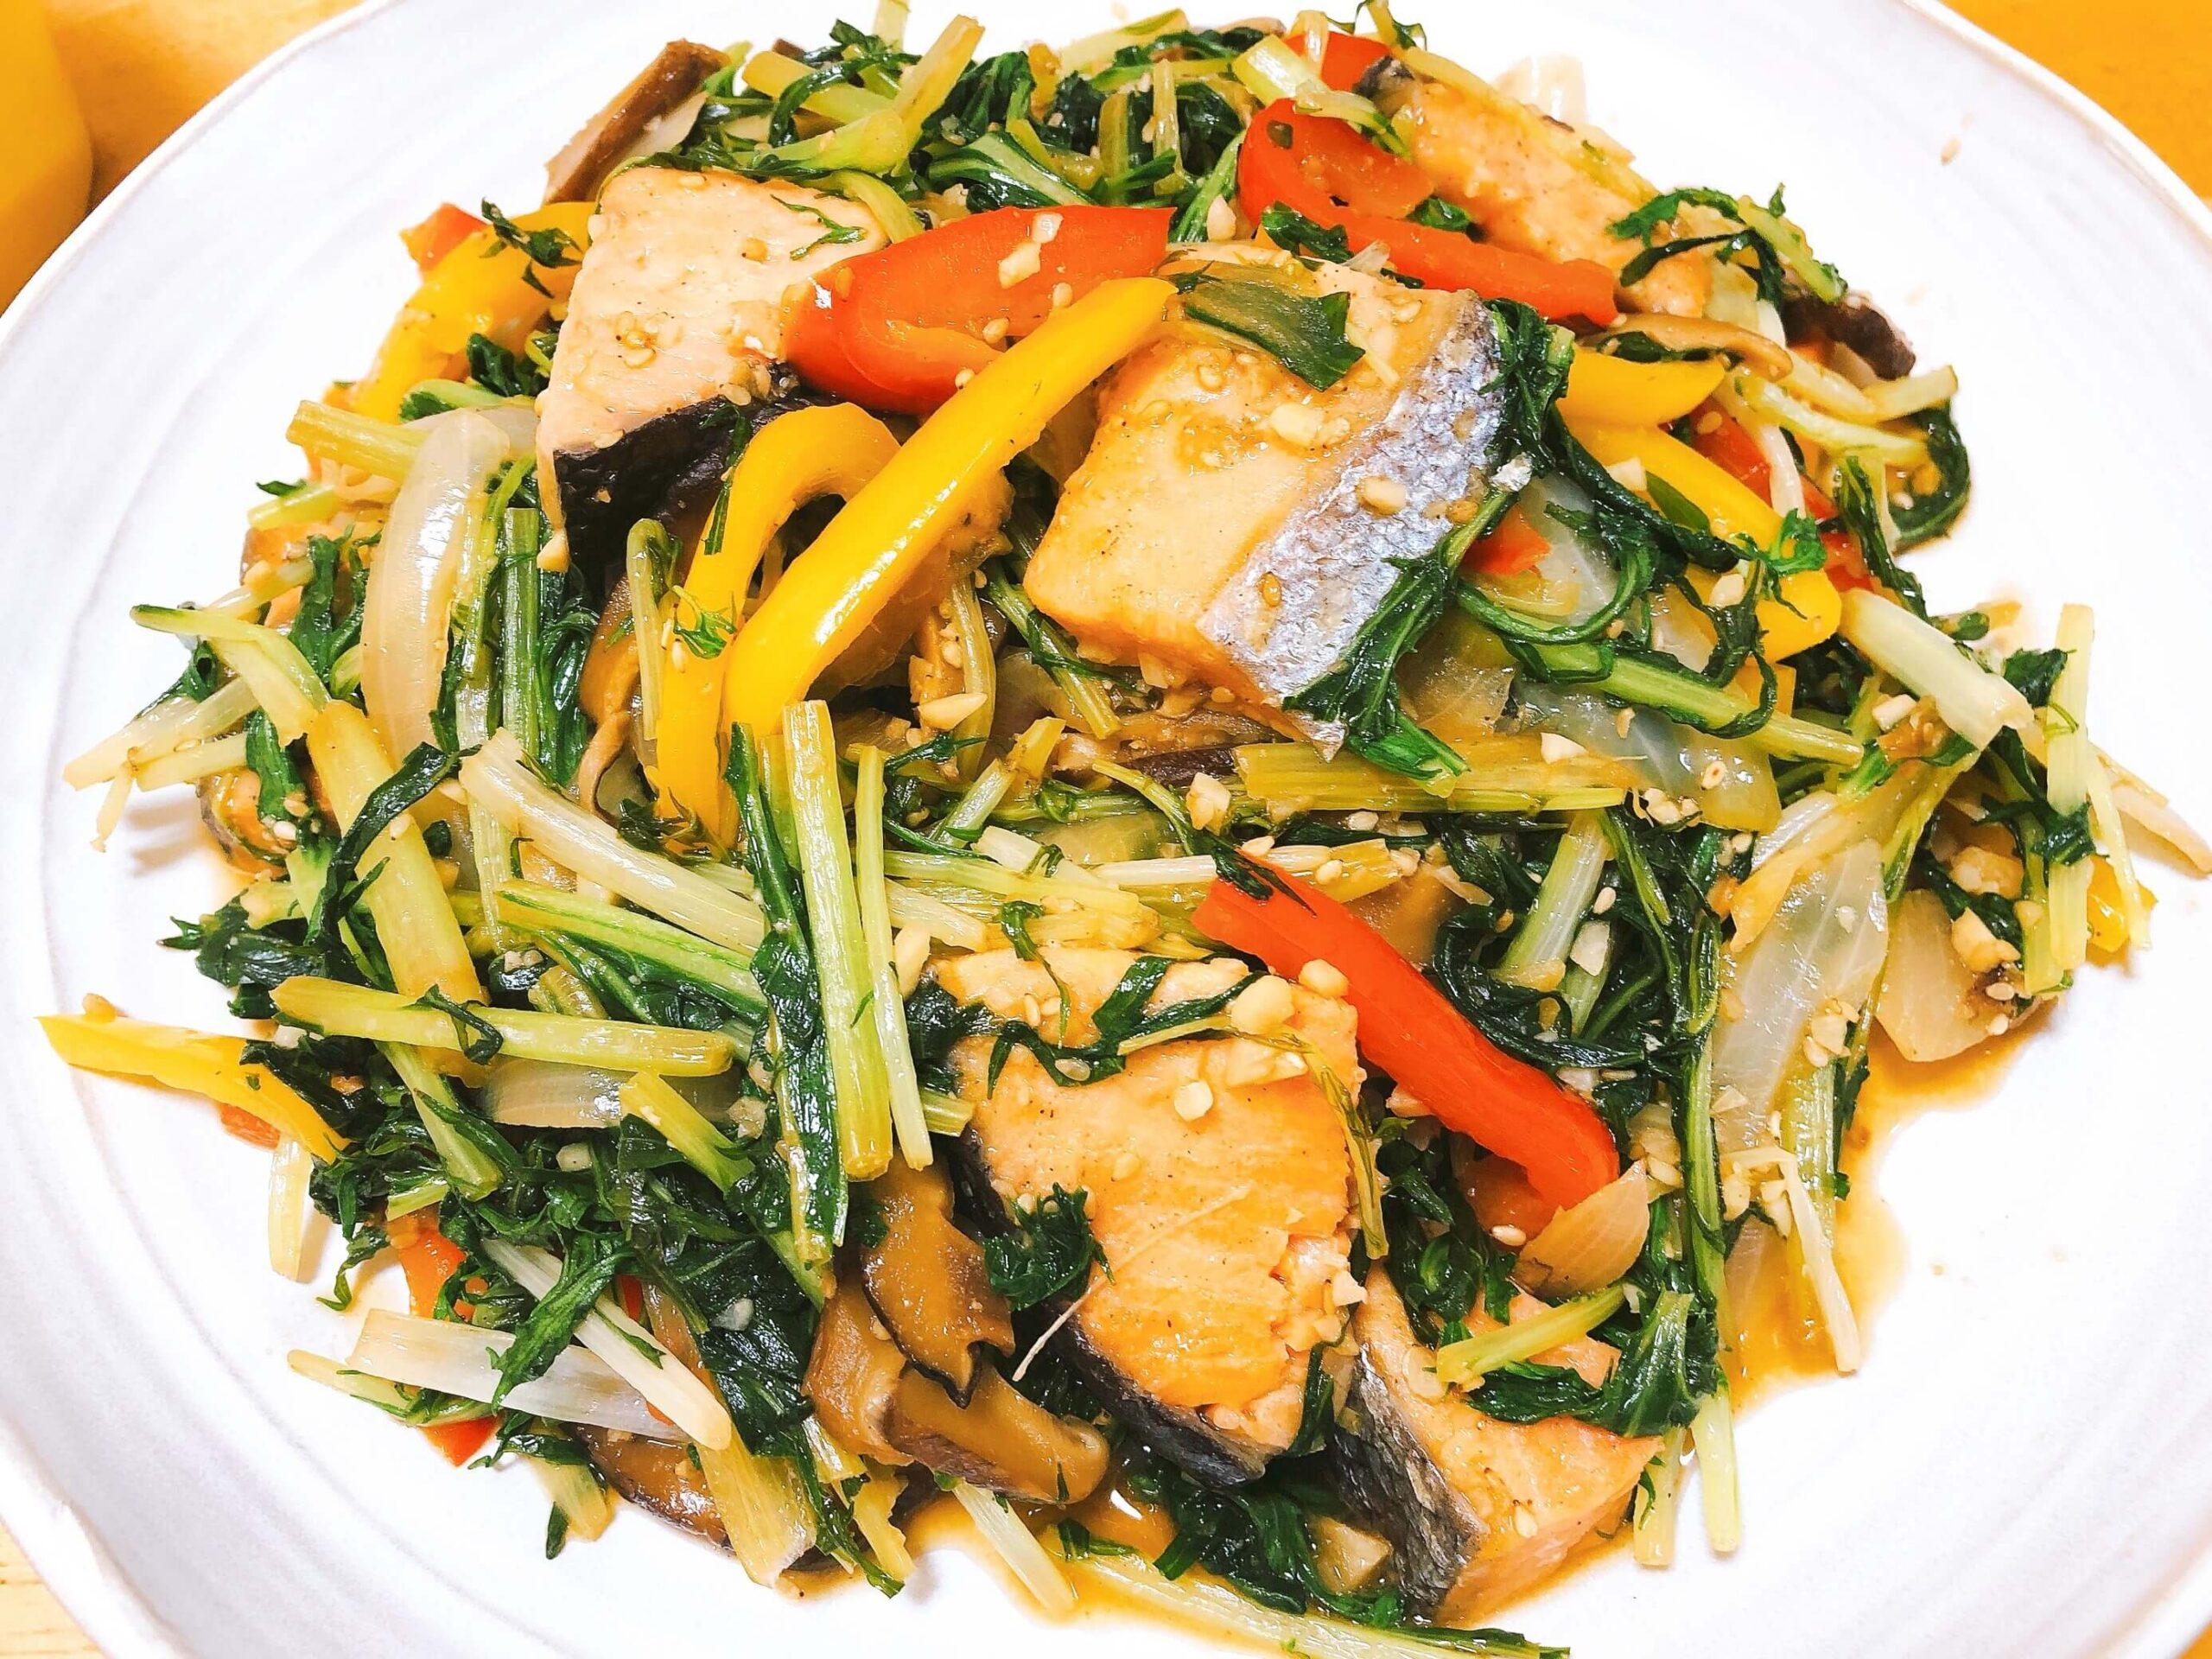 鮭と野菜のオイスター炒め完成